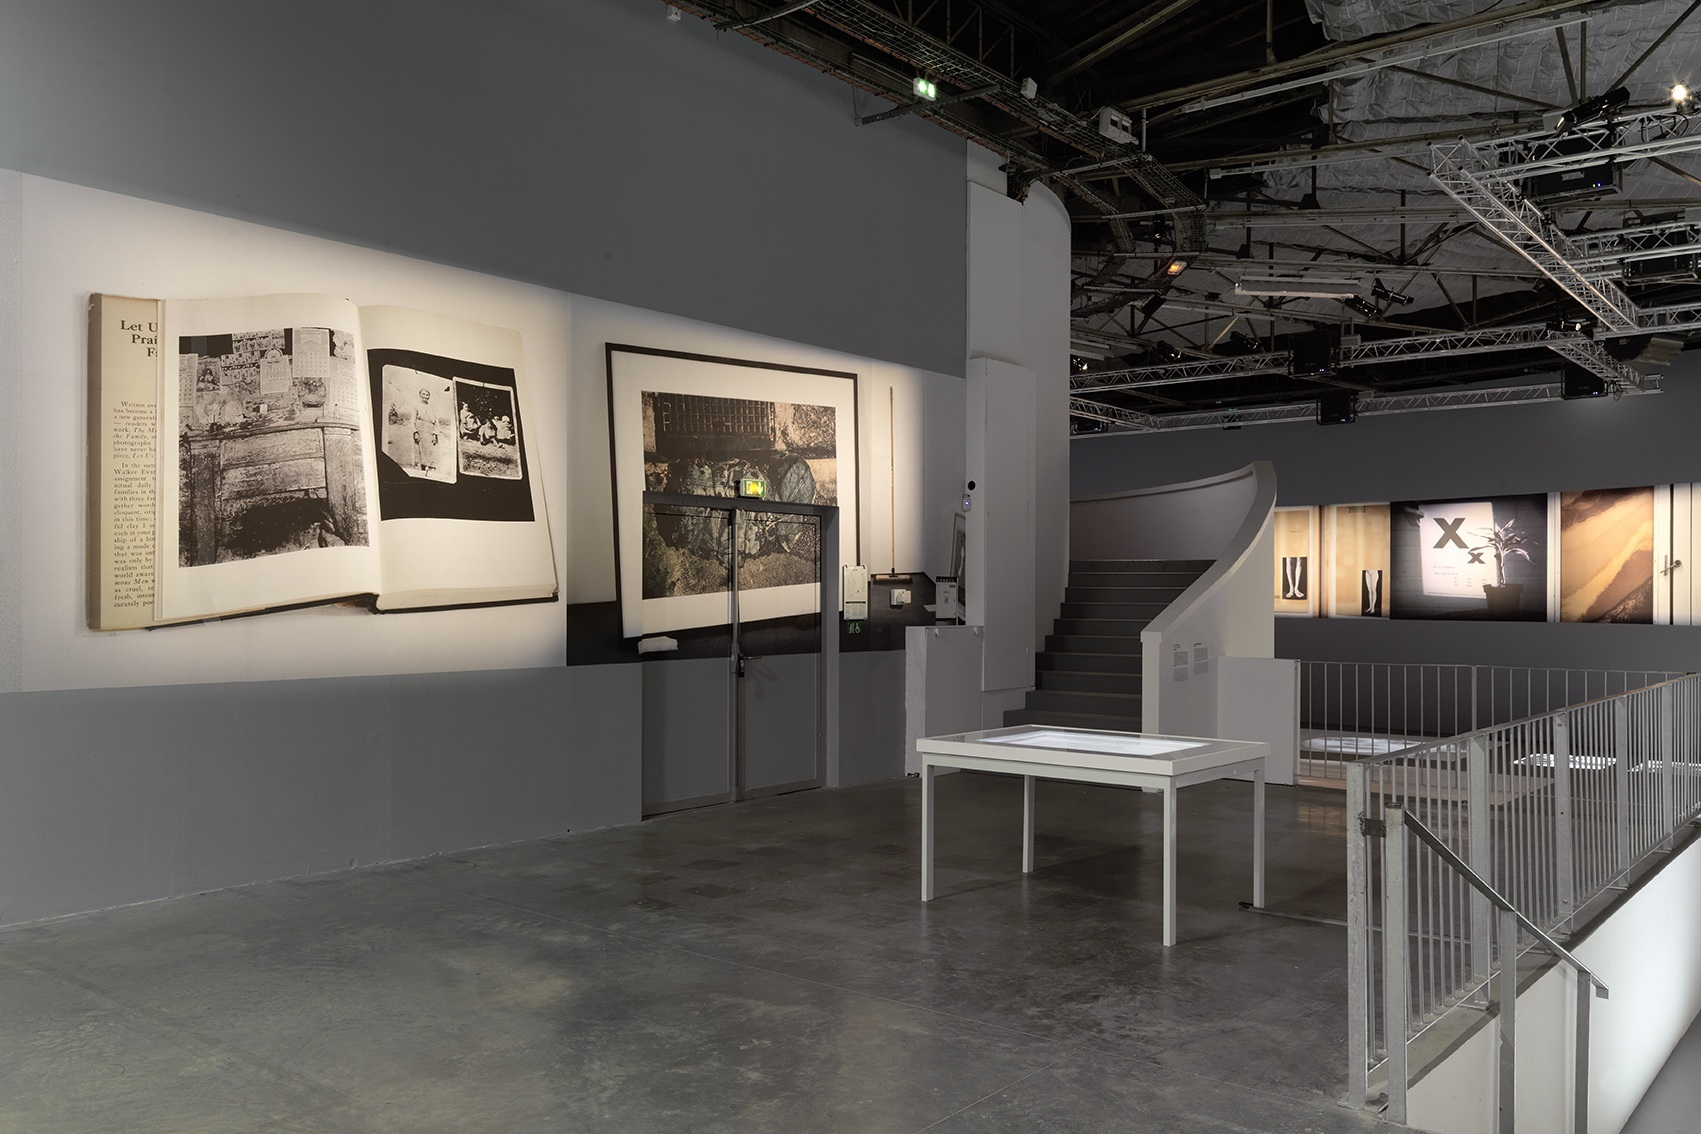 Nouvelles Histoires de fantômes, vue d'exposition@au Palais de Tokyo